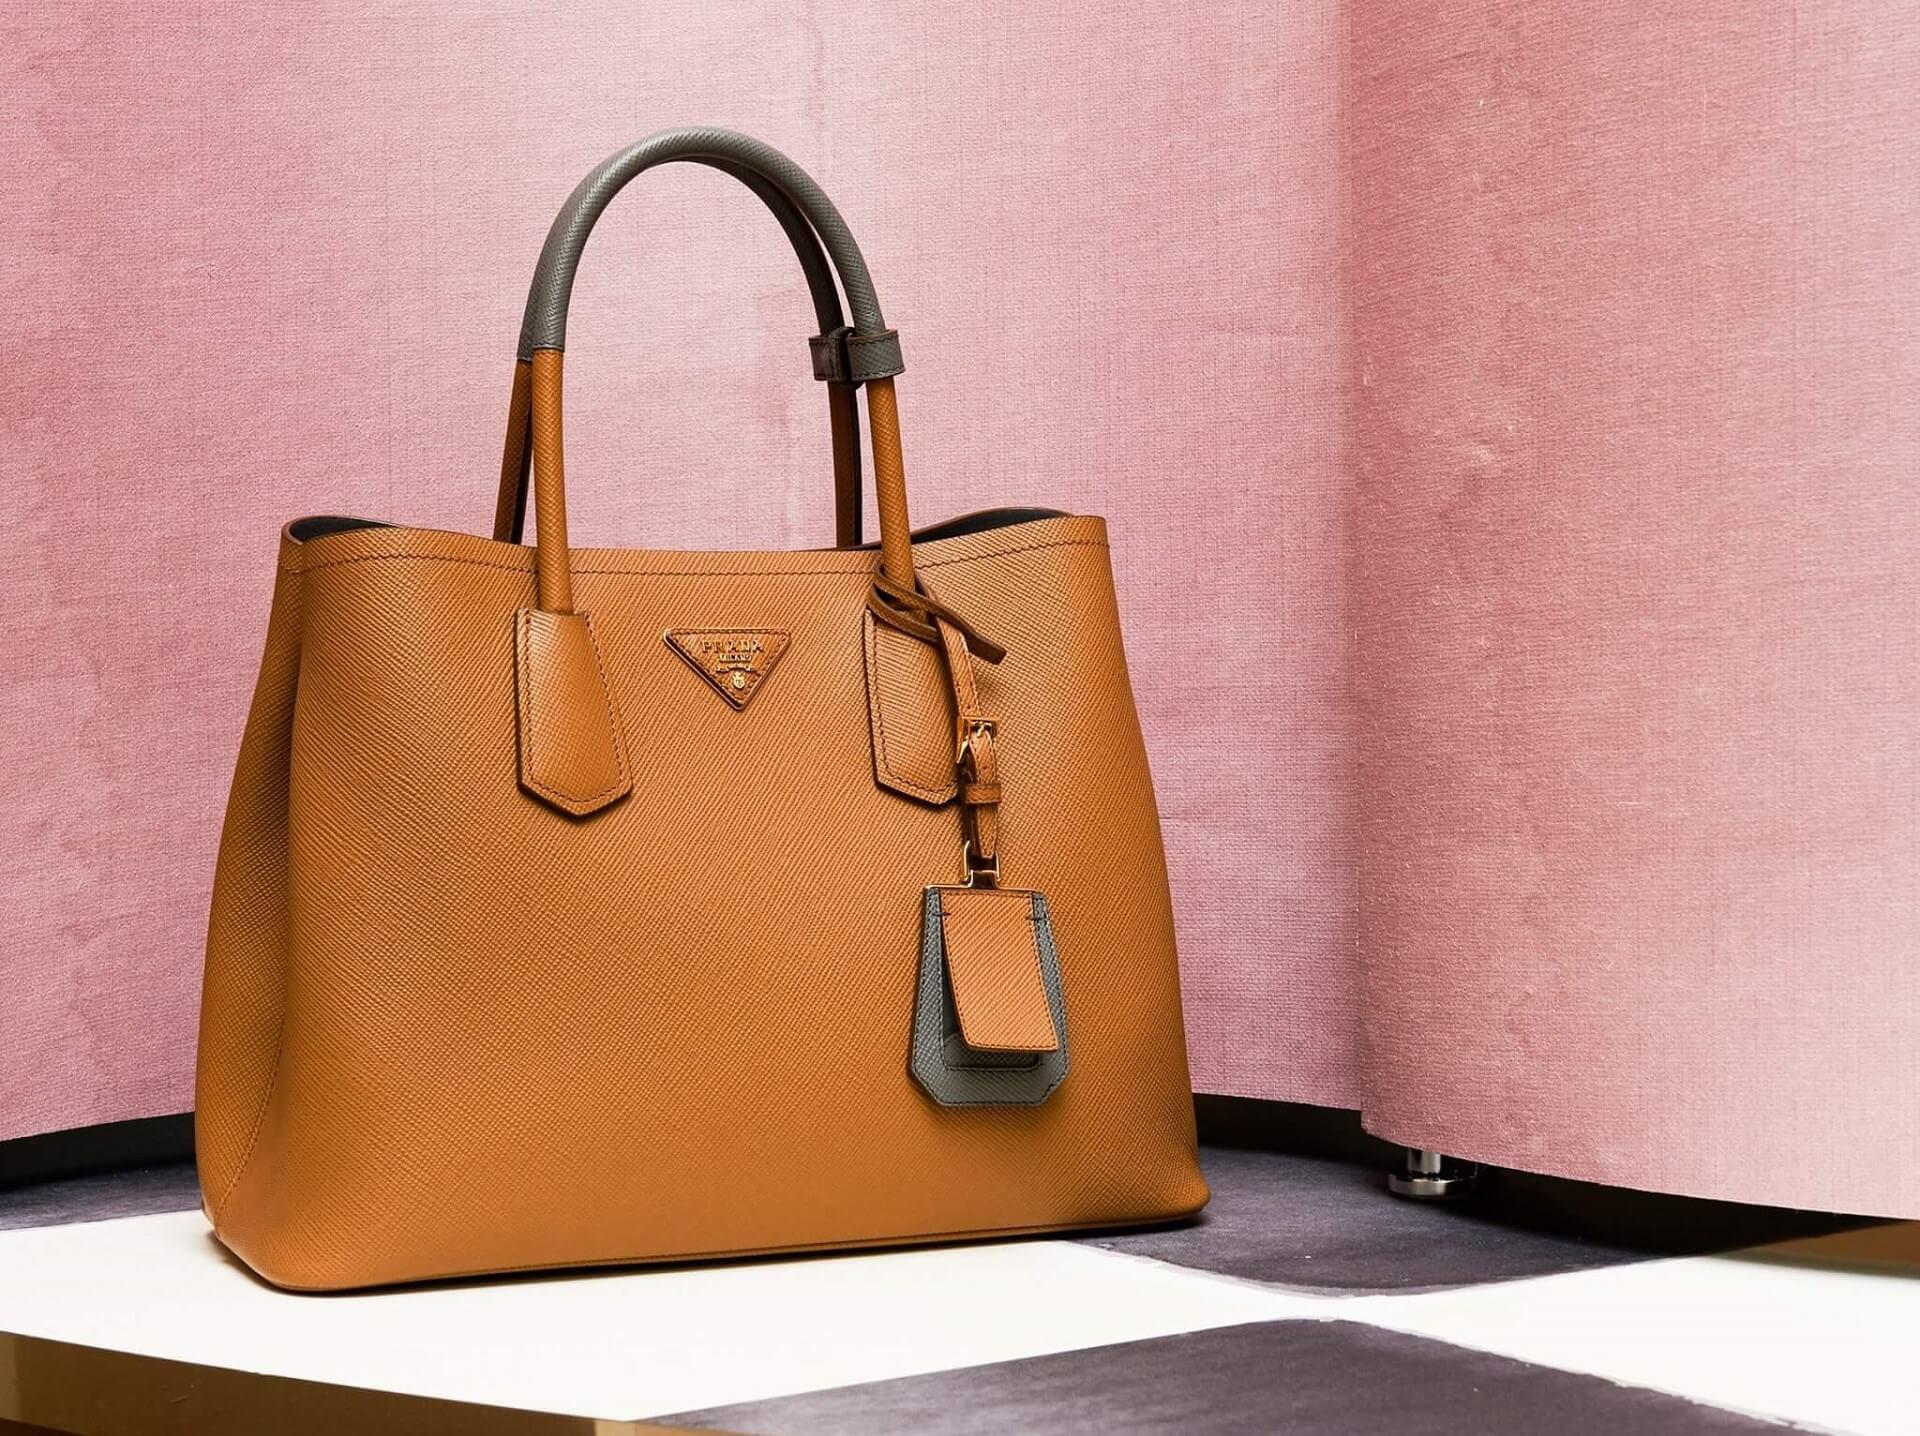 großer Rabatt 2019 Neupreis schön Design Die 10 teuersten Handtaschen Marken der Welt - LuxusLeben.Info